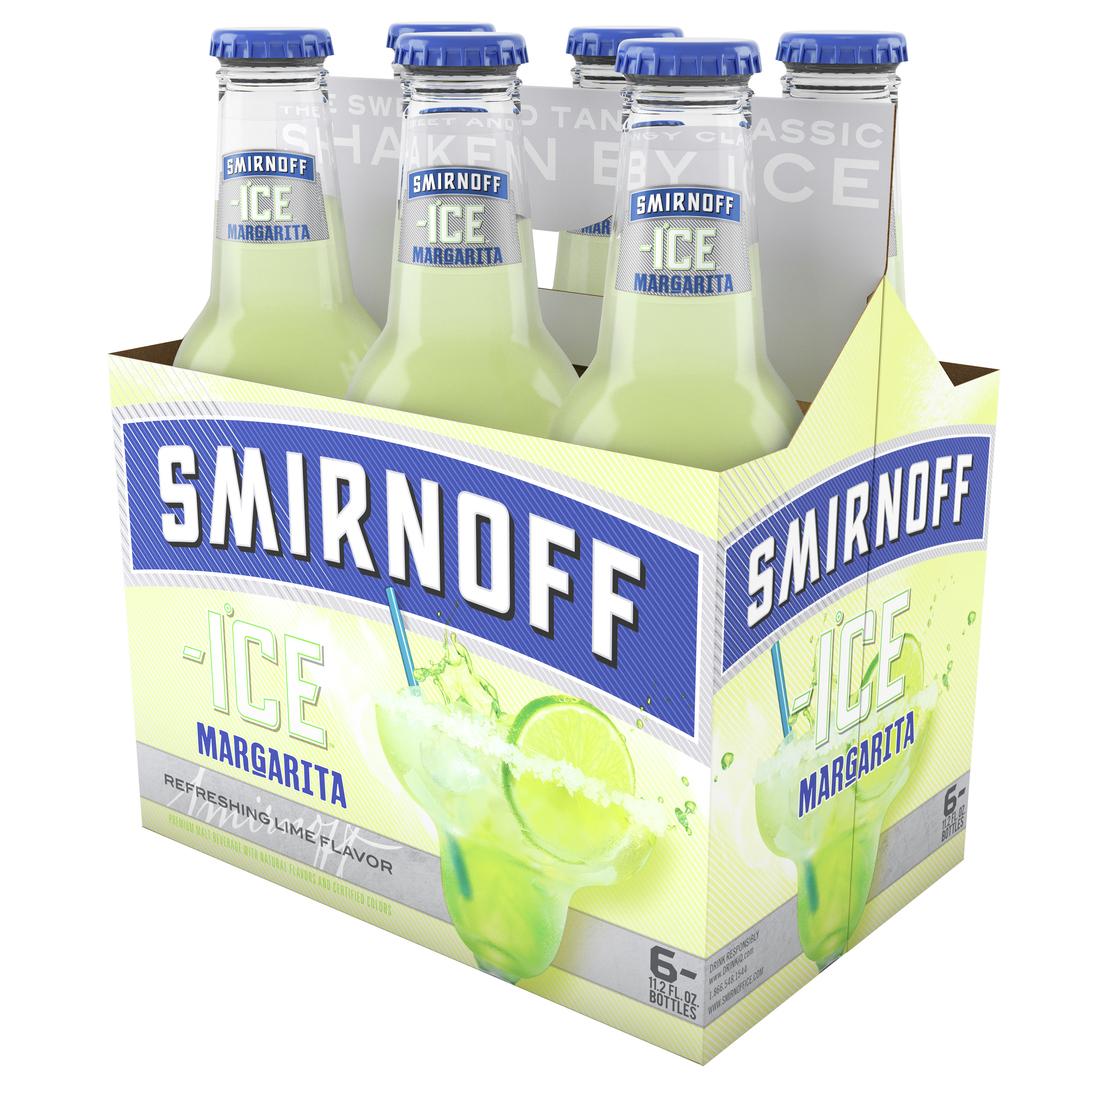 Smirnoff Ice Margarita